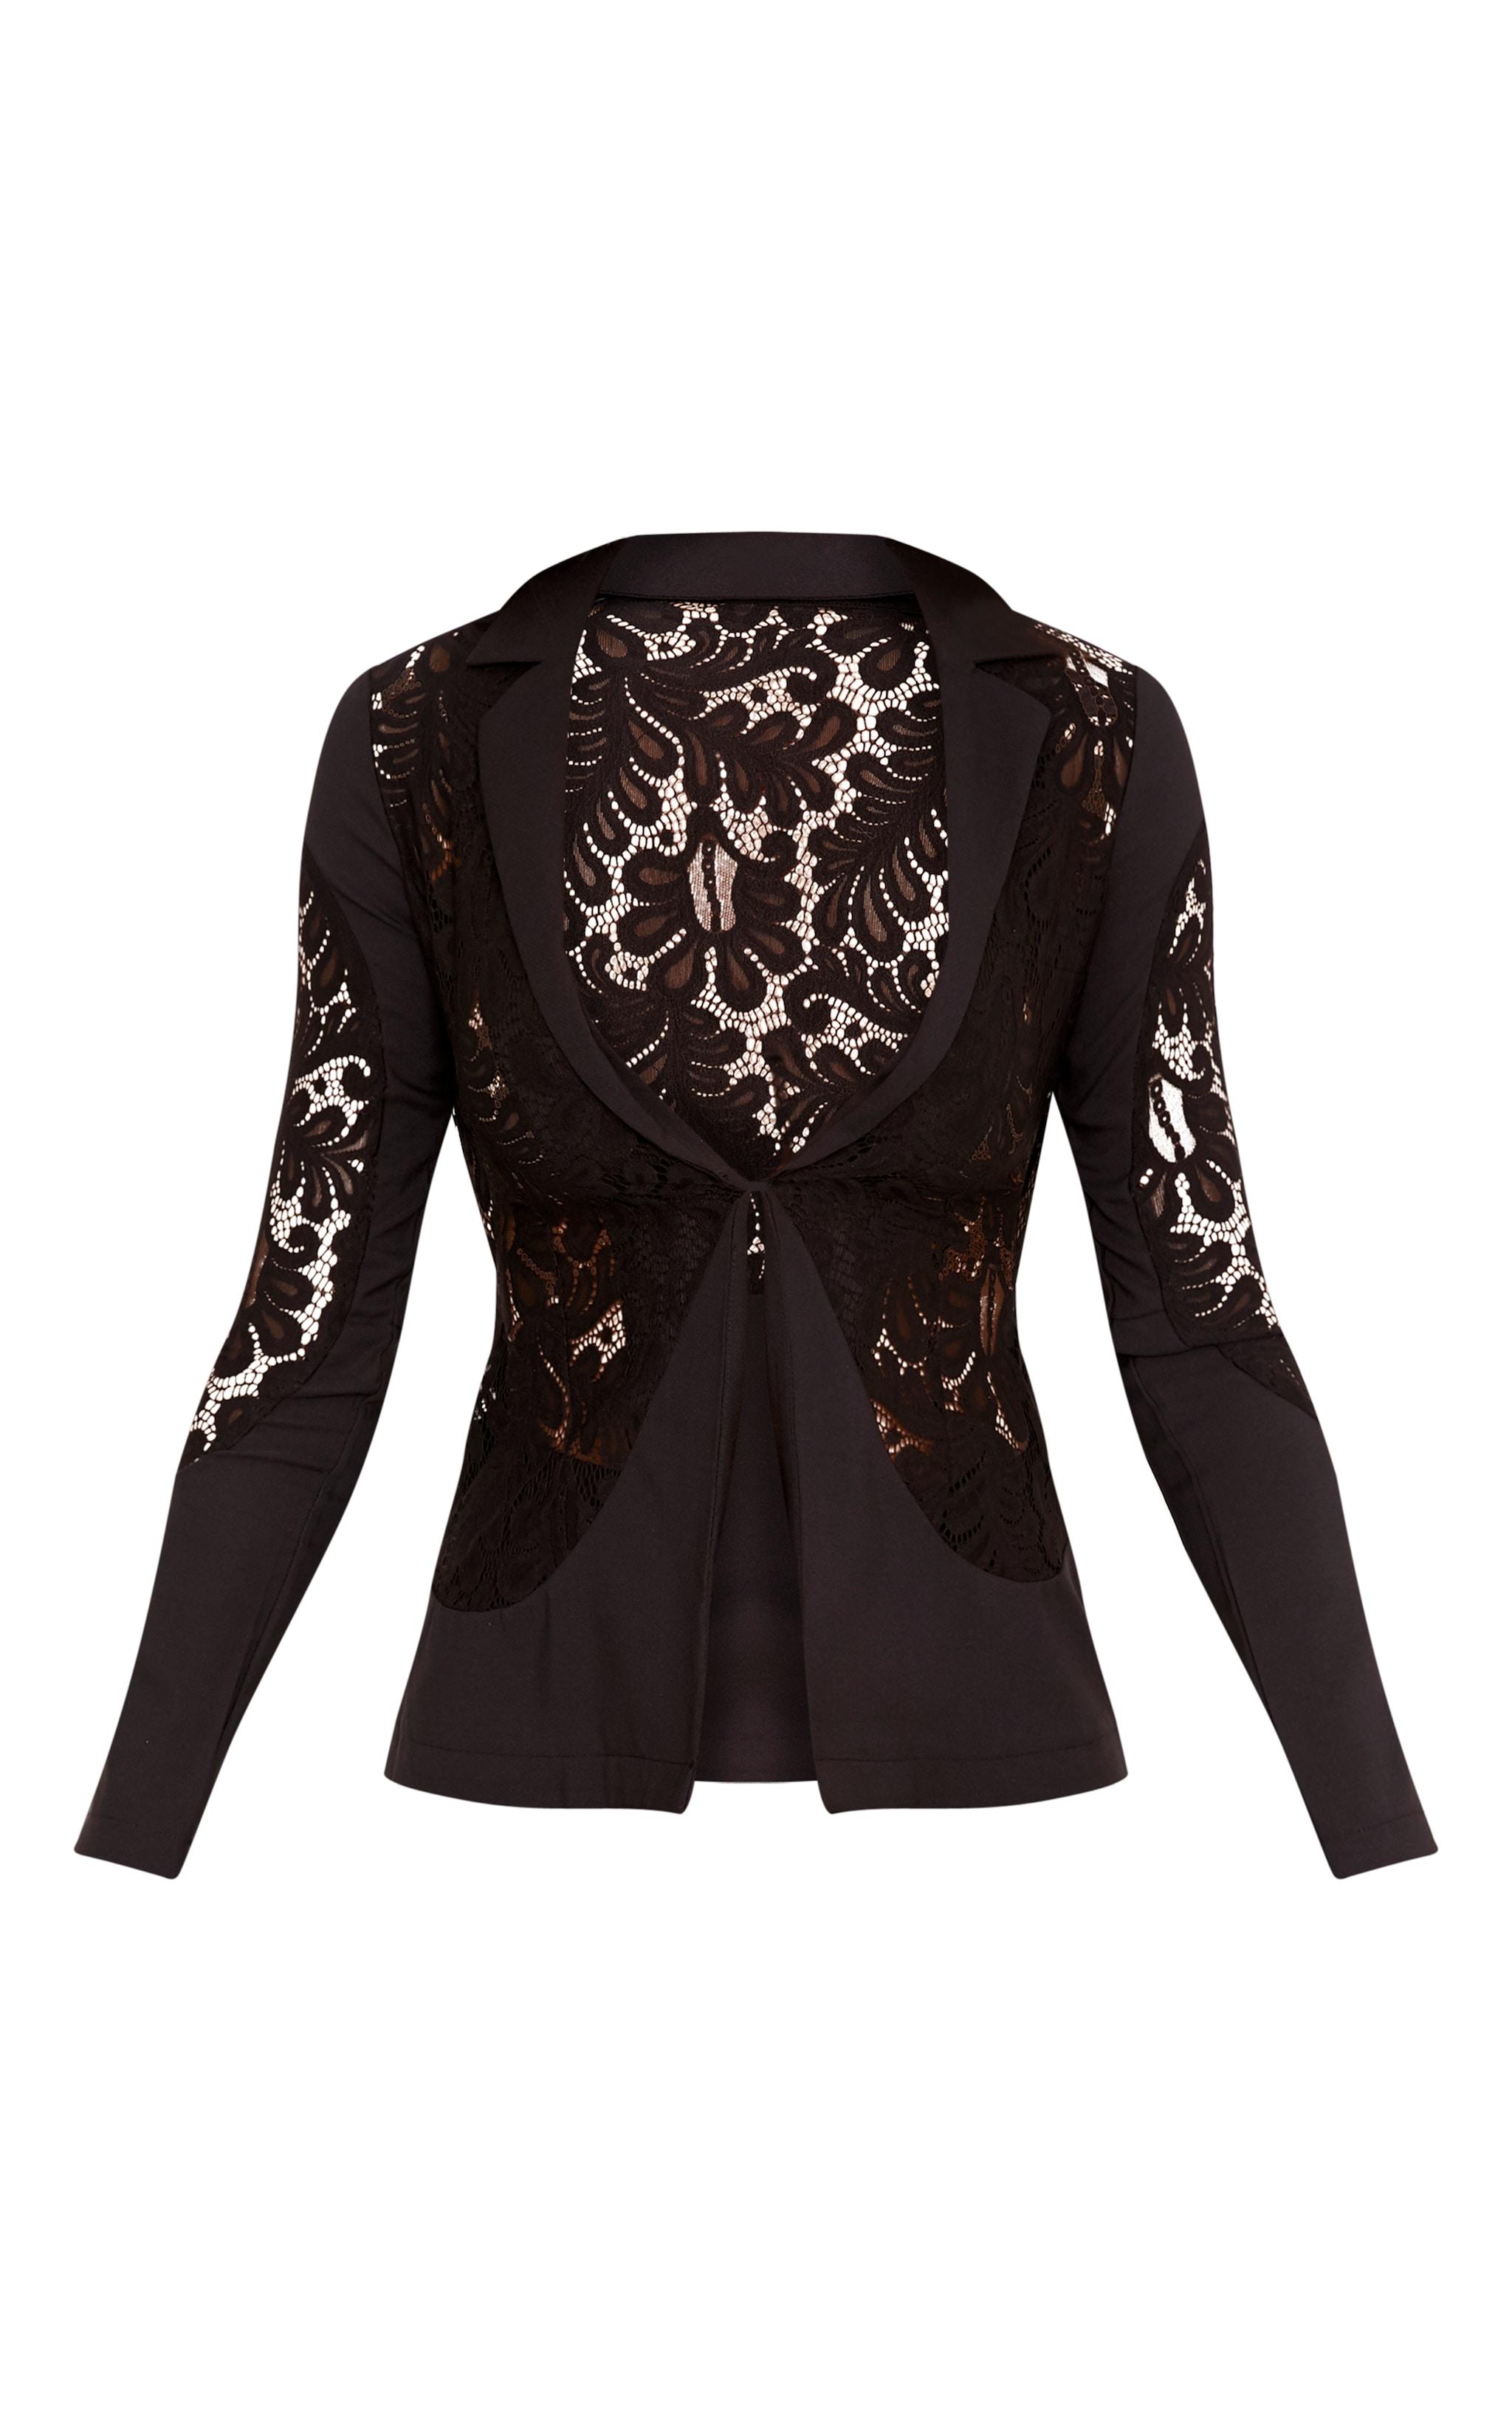 Mikaylah Black Lace Insert Detail Suit Jacket 3